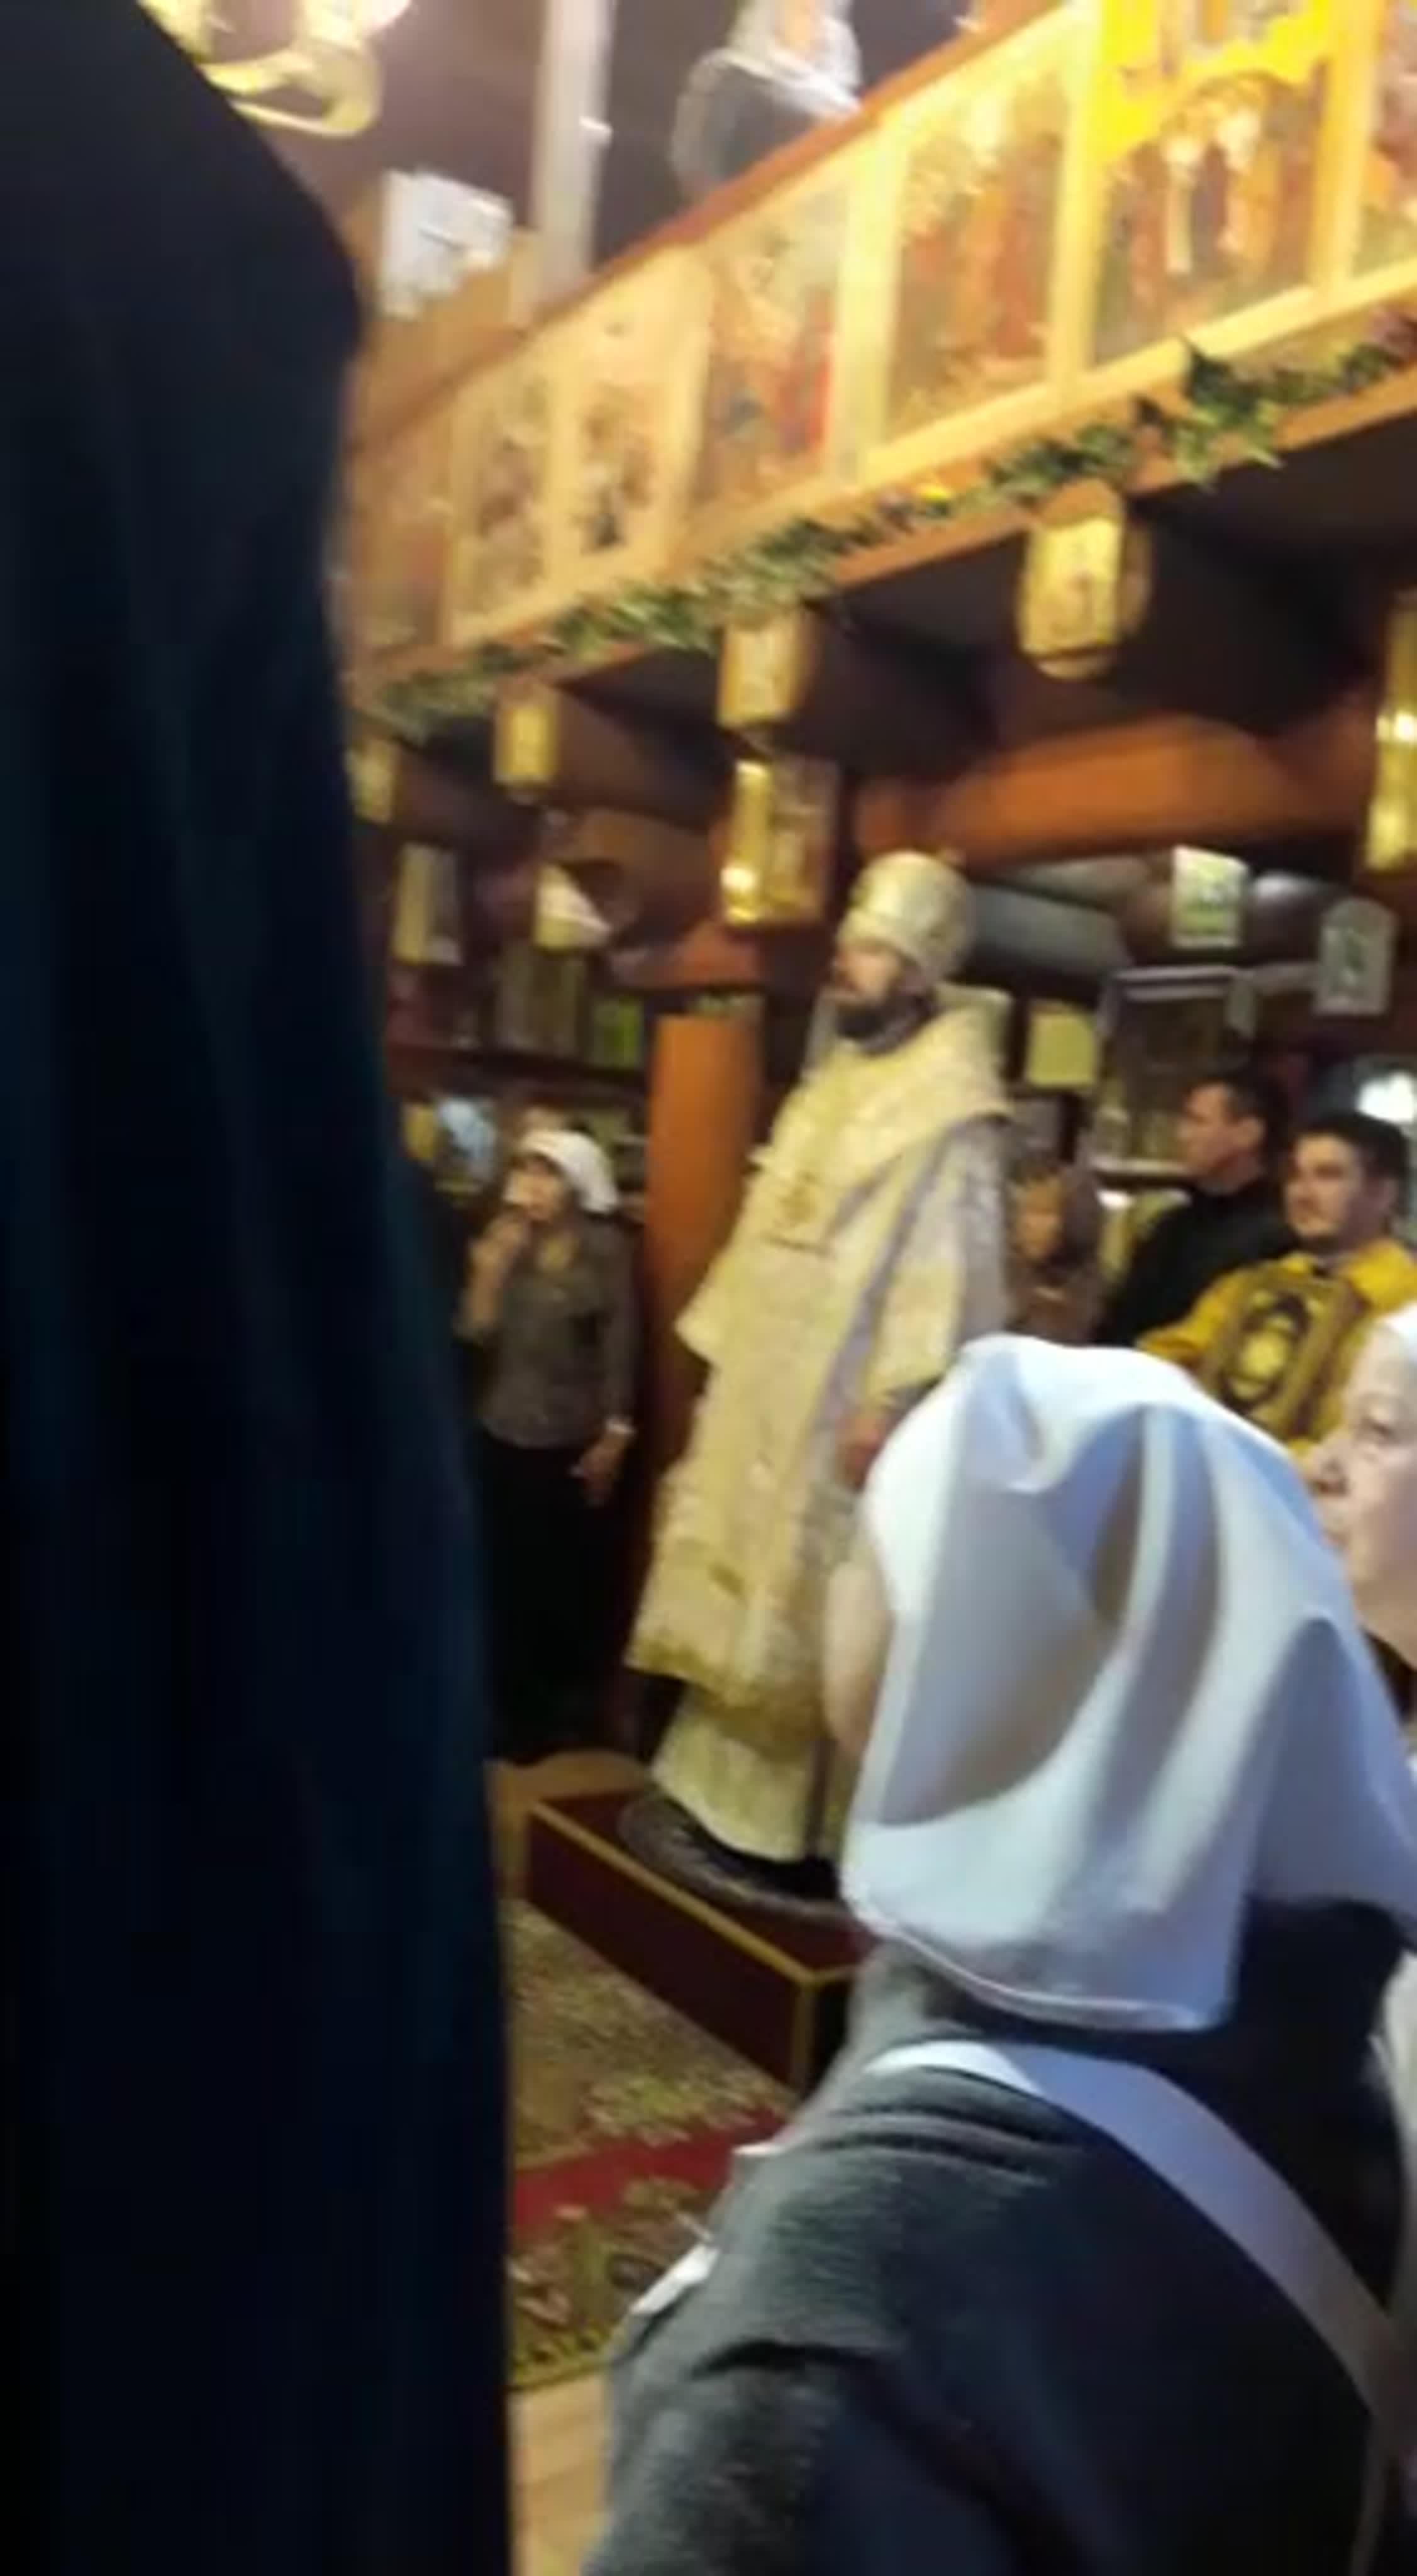 В минувшее воскресенье Литургию в нашем храме возглавил Его Преосвященство, Преосвященнейший епископ Гатчинский и Лужский Митрофан, в сослужении настоятеля храма о.